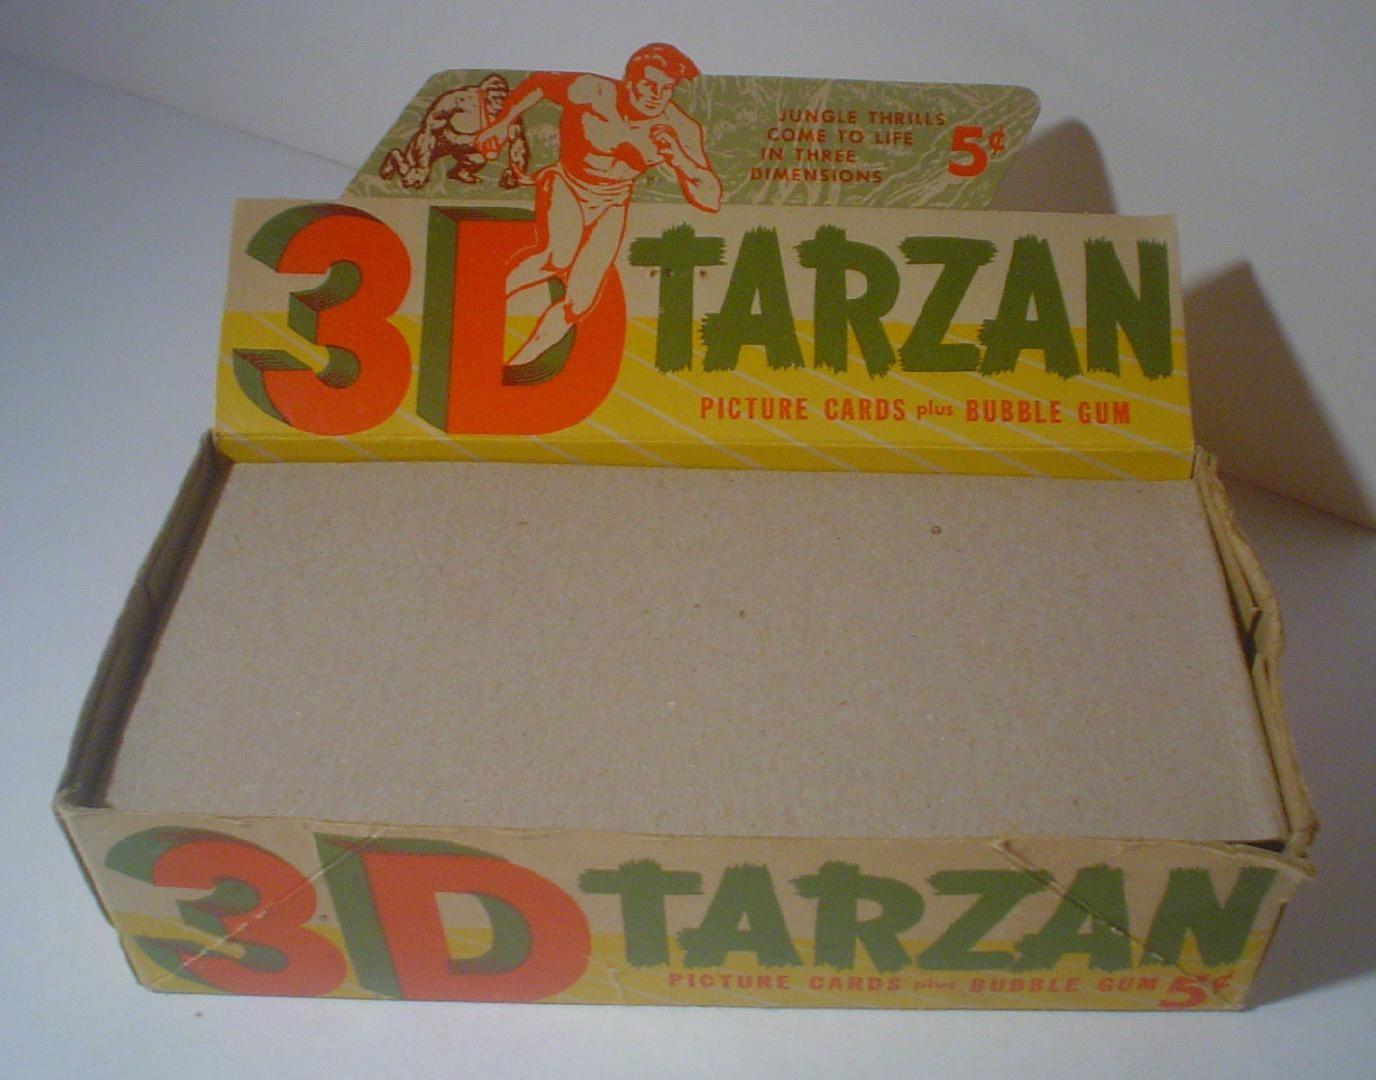 tarzan-d-trading-card-display-box_1_d6b8250941d8e84dbfa377074938a23d (.jpg